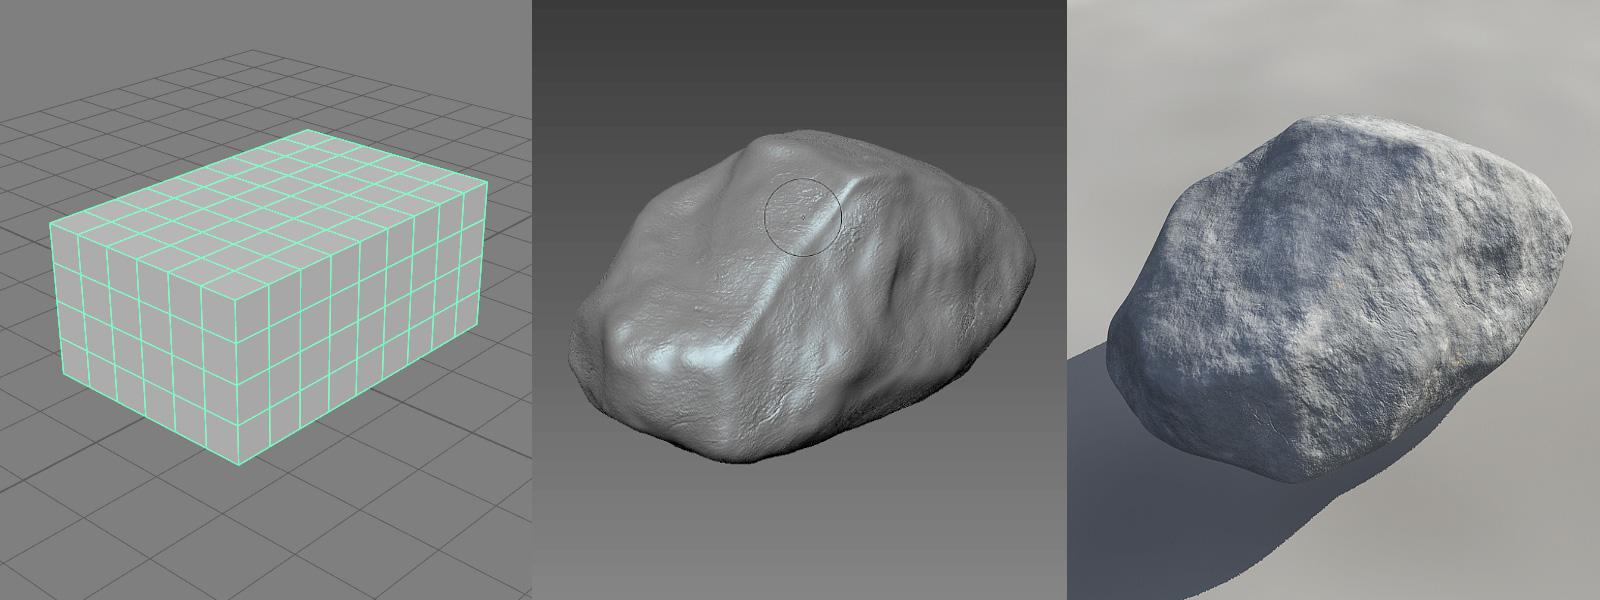 Modeling a rock